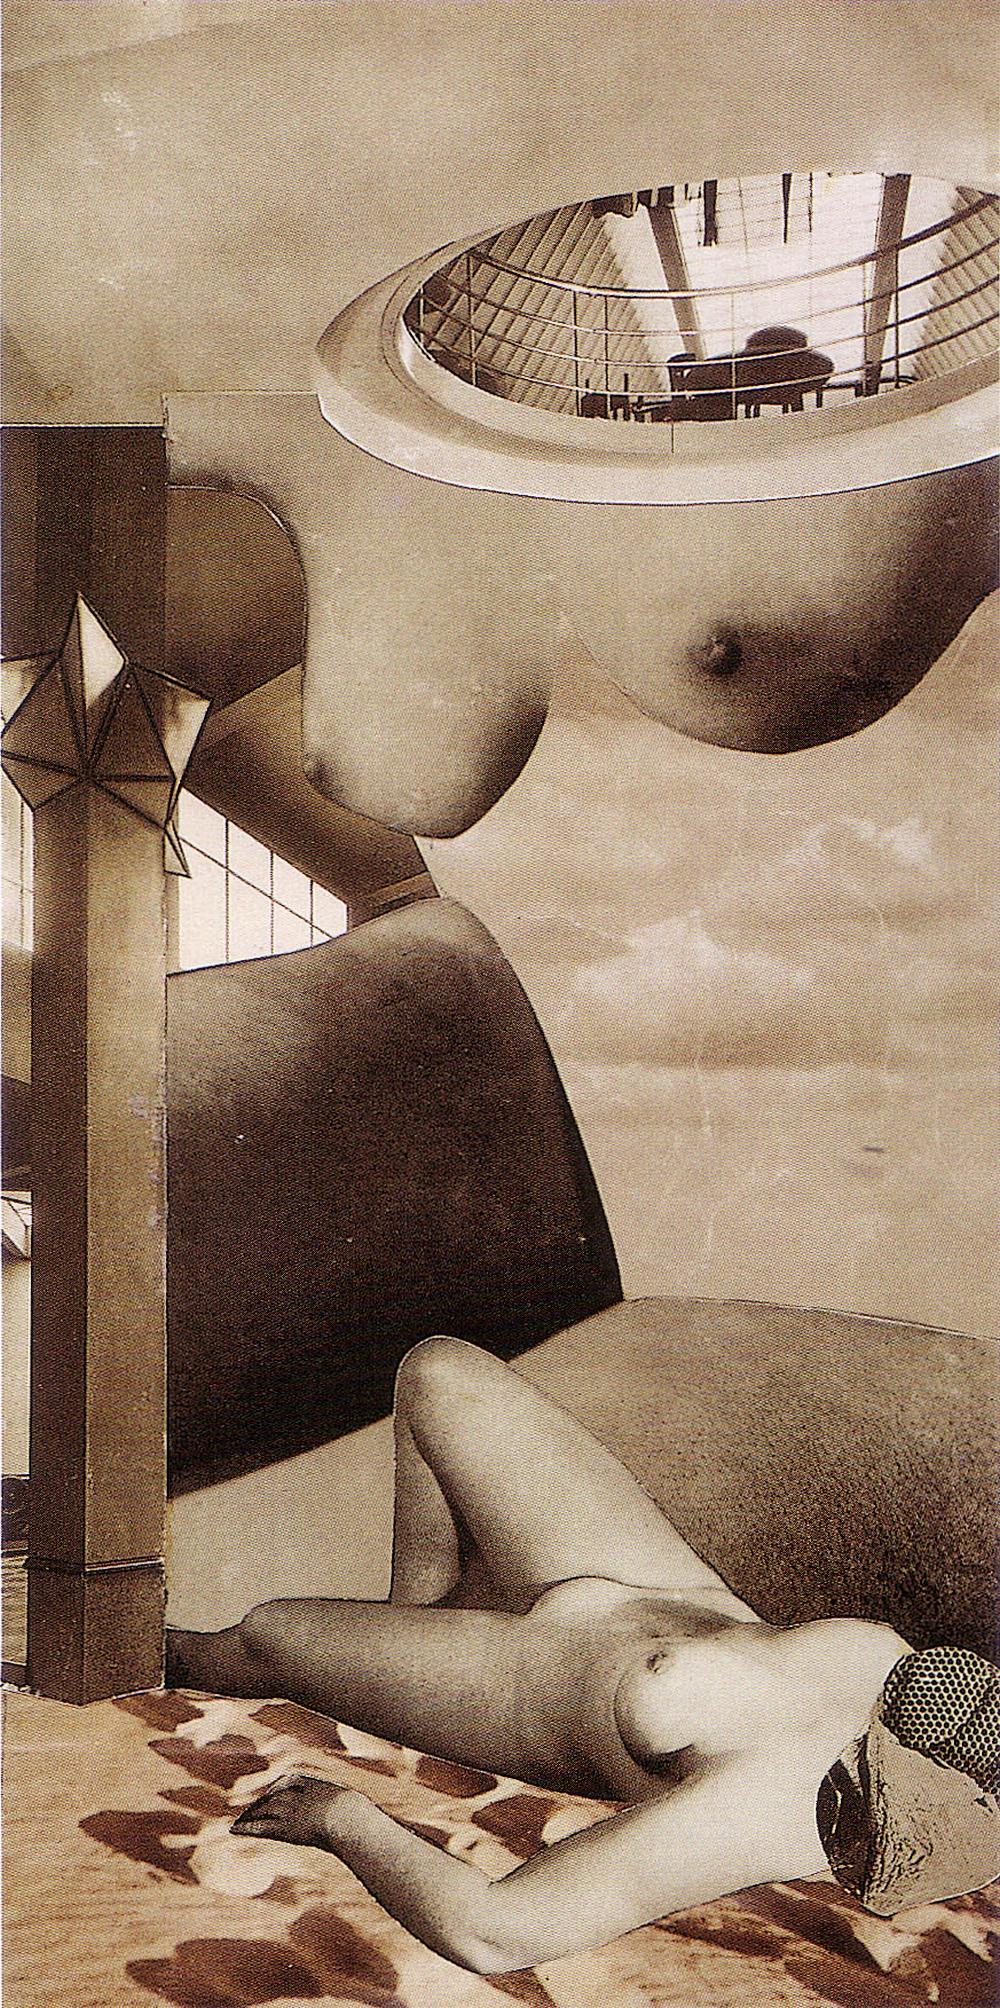 Karel Teige - Collage #138 , 1940